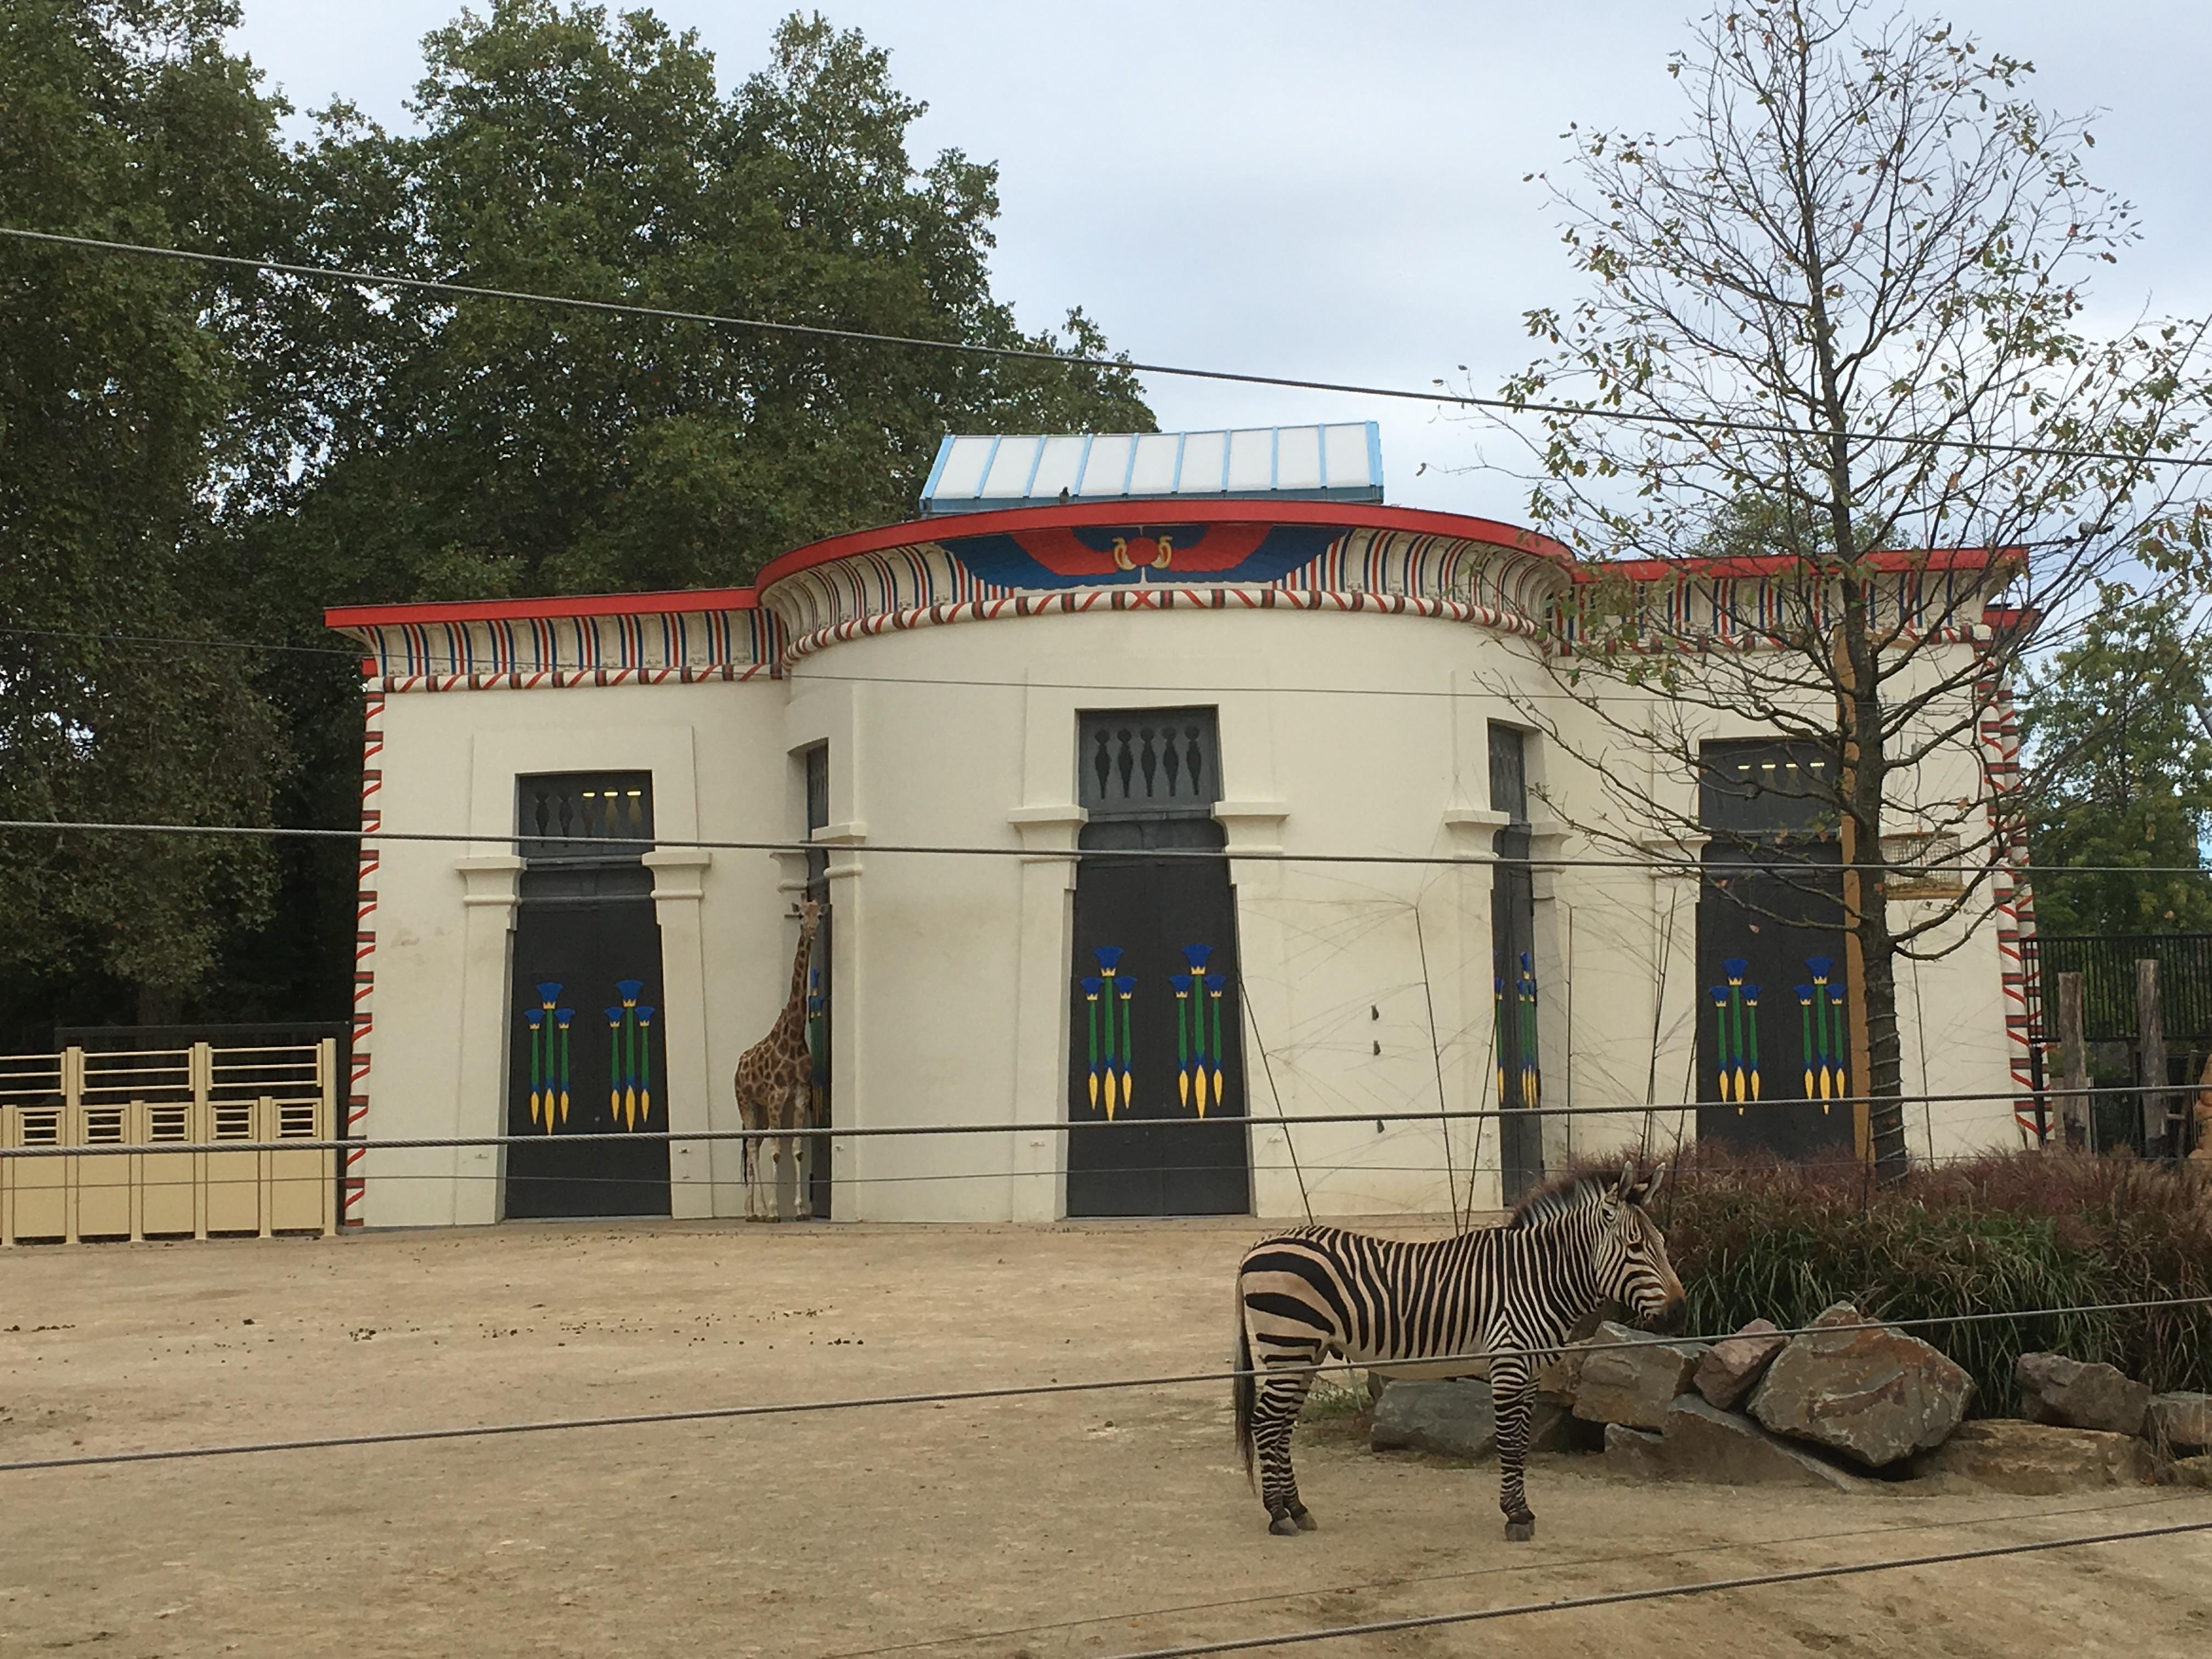 Opknapbeurt in de Zoo van Antwerpen